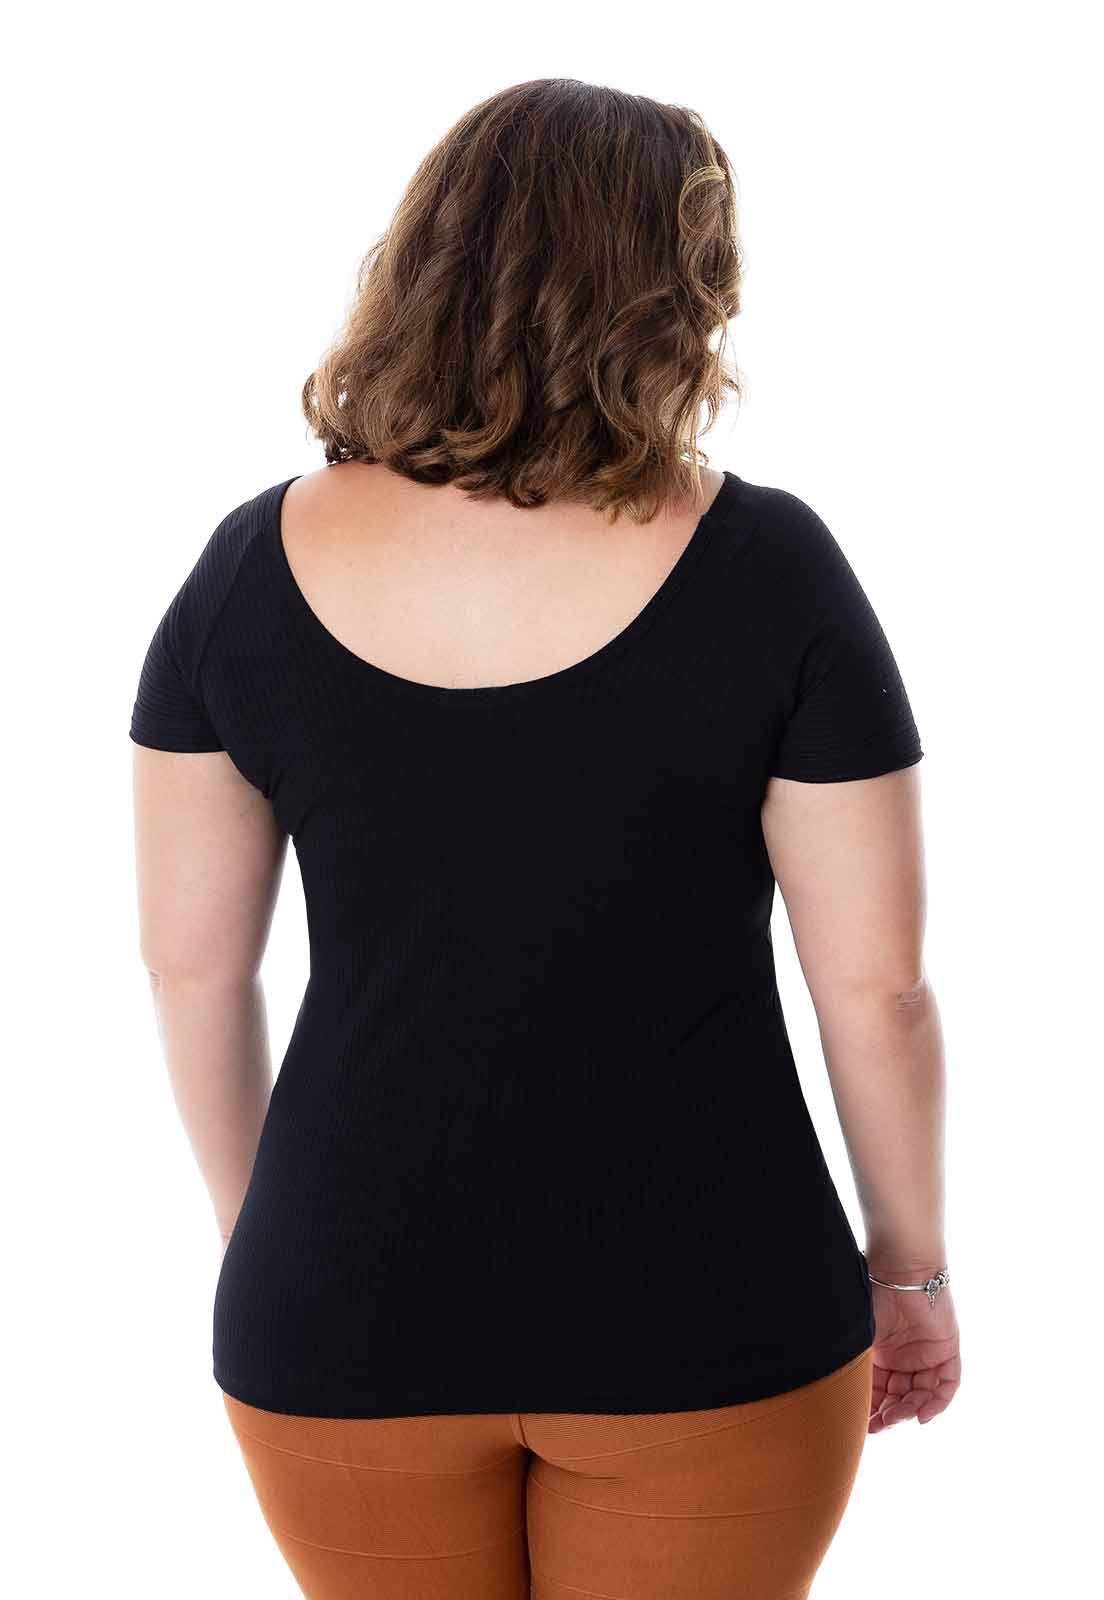 Blusa plus size ribana ombro a ombro.